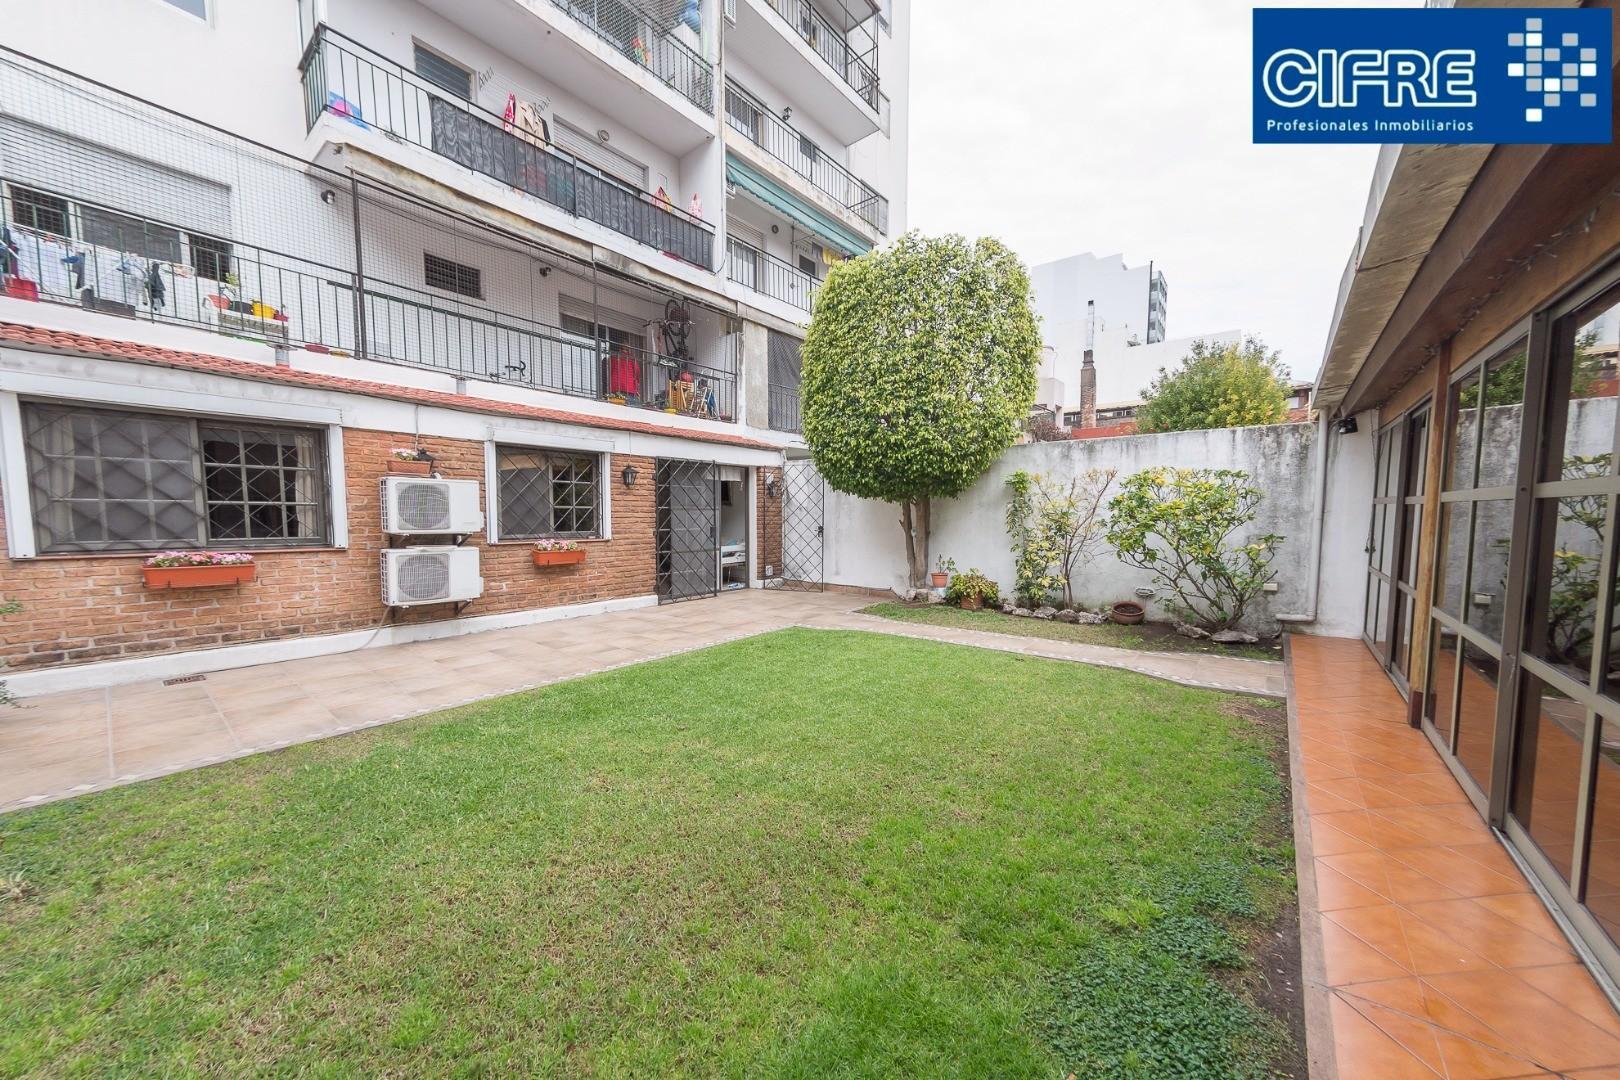 Departamento 4 ambientes con jardin y quincho propio ( Suc.Urquiza 4521-3333 )